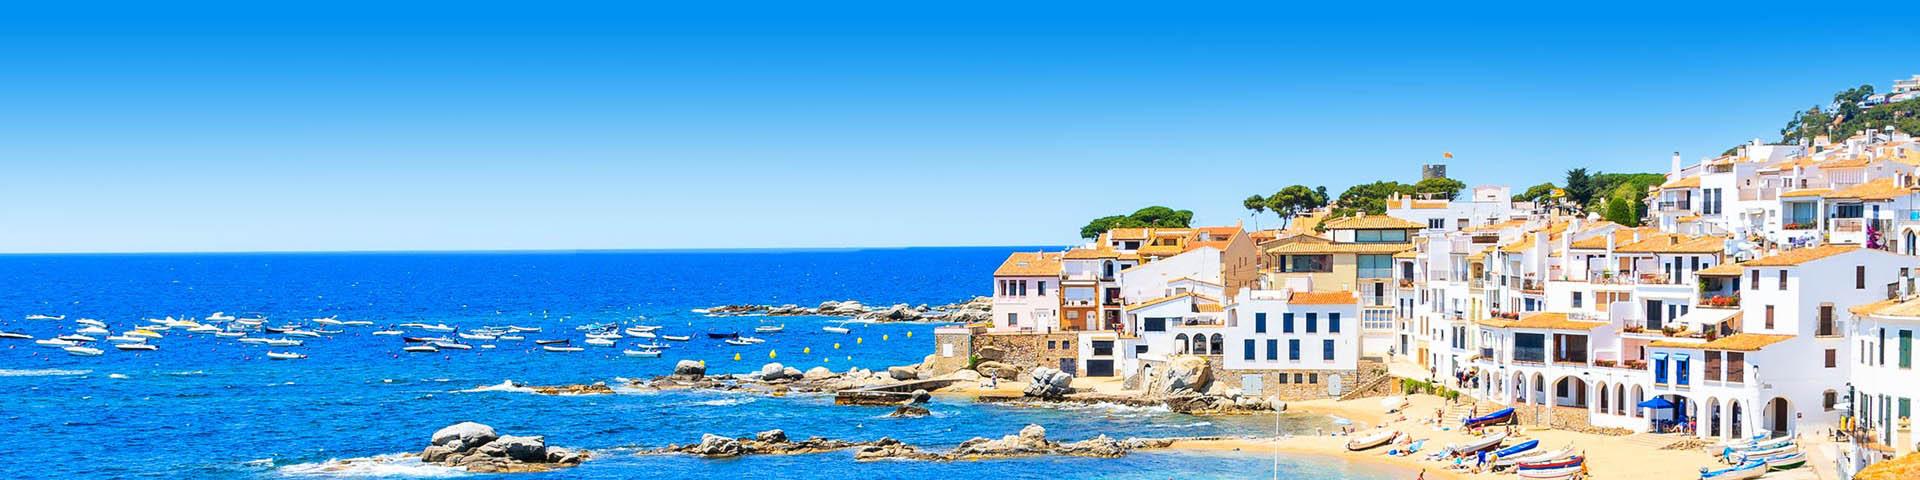 Sppanse kust met witte huisjes en blauwe zee.